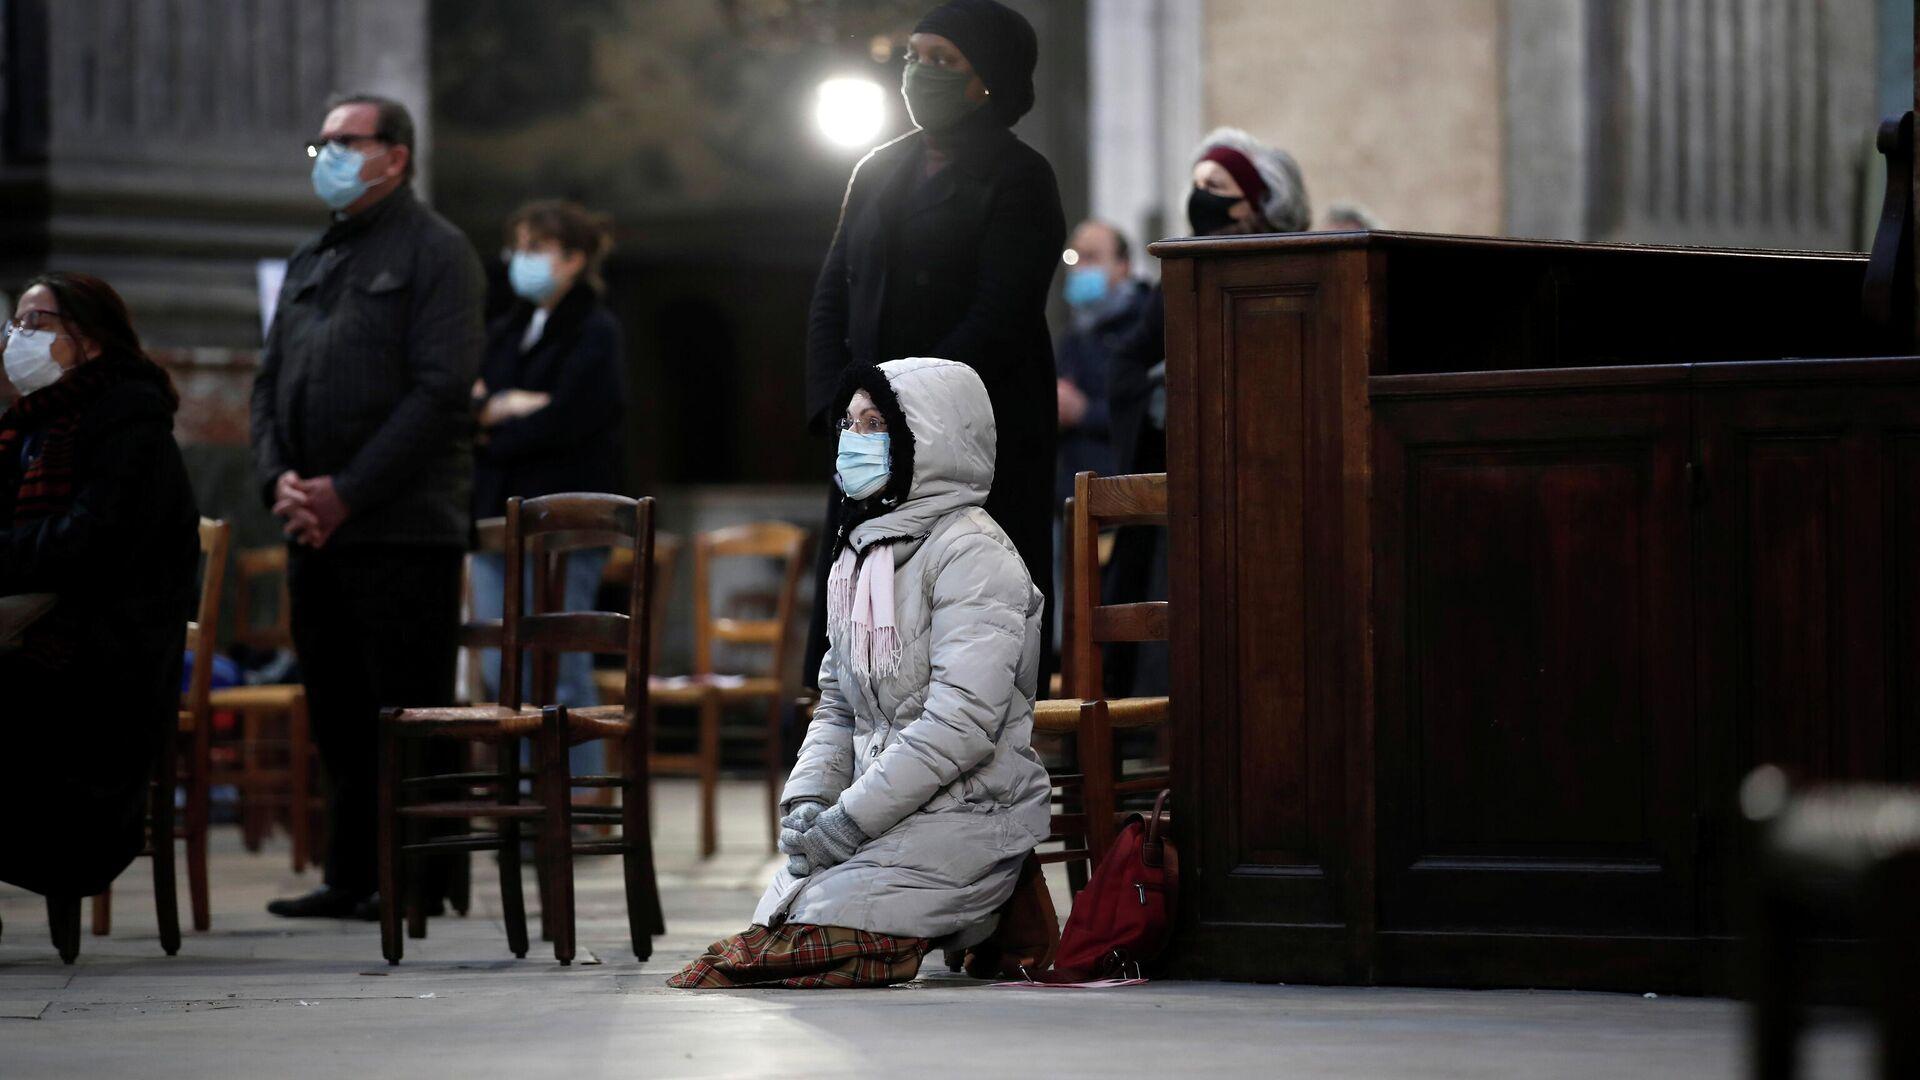 Люди во время воскресной мессы в церкви Сен-Сюльпис в Париже - РИА Новости, 1920, 31.12.2020